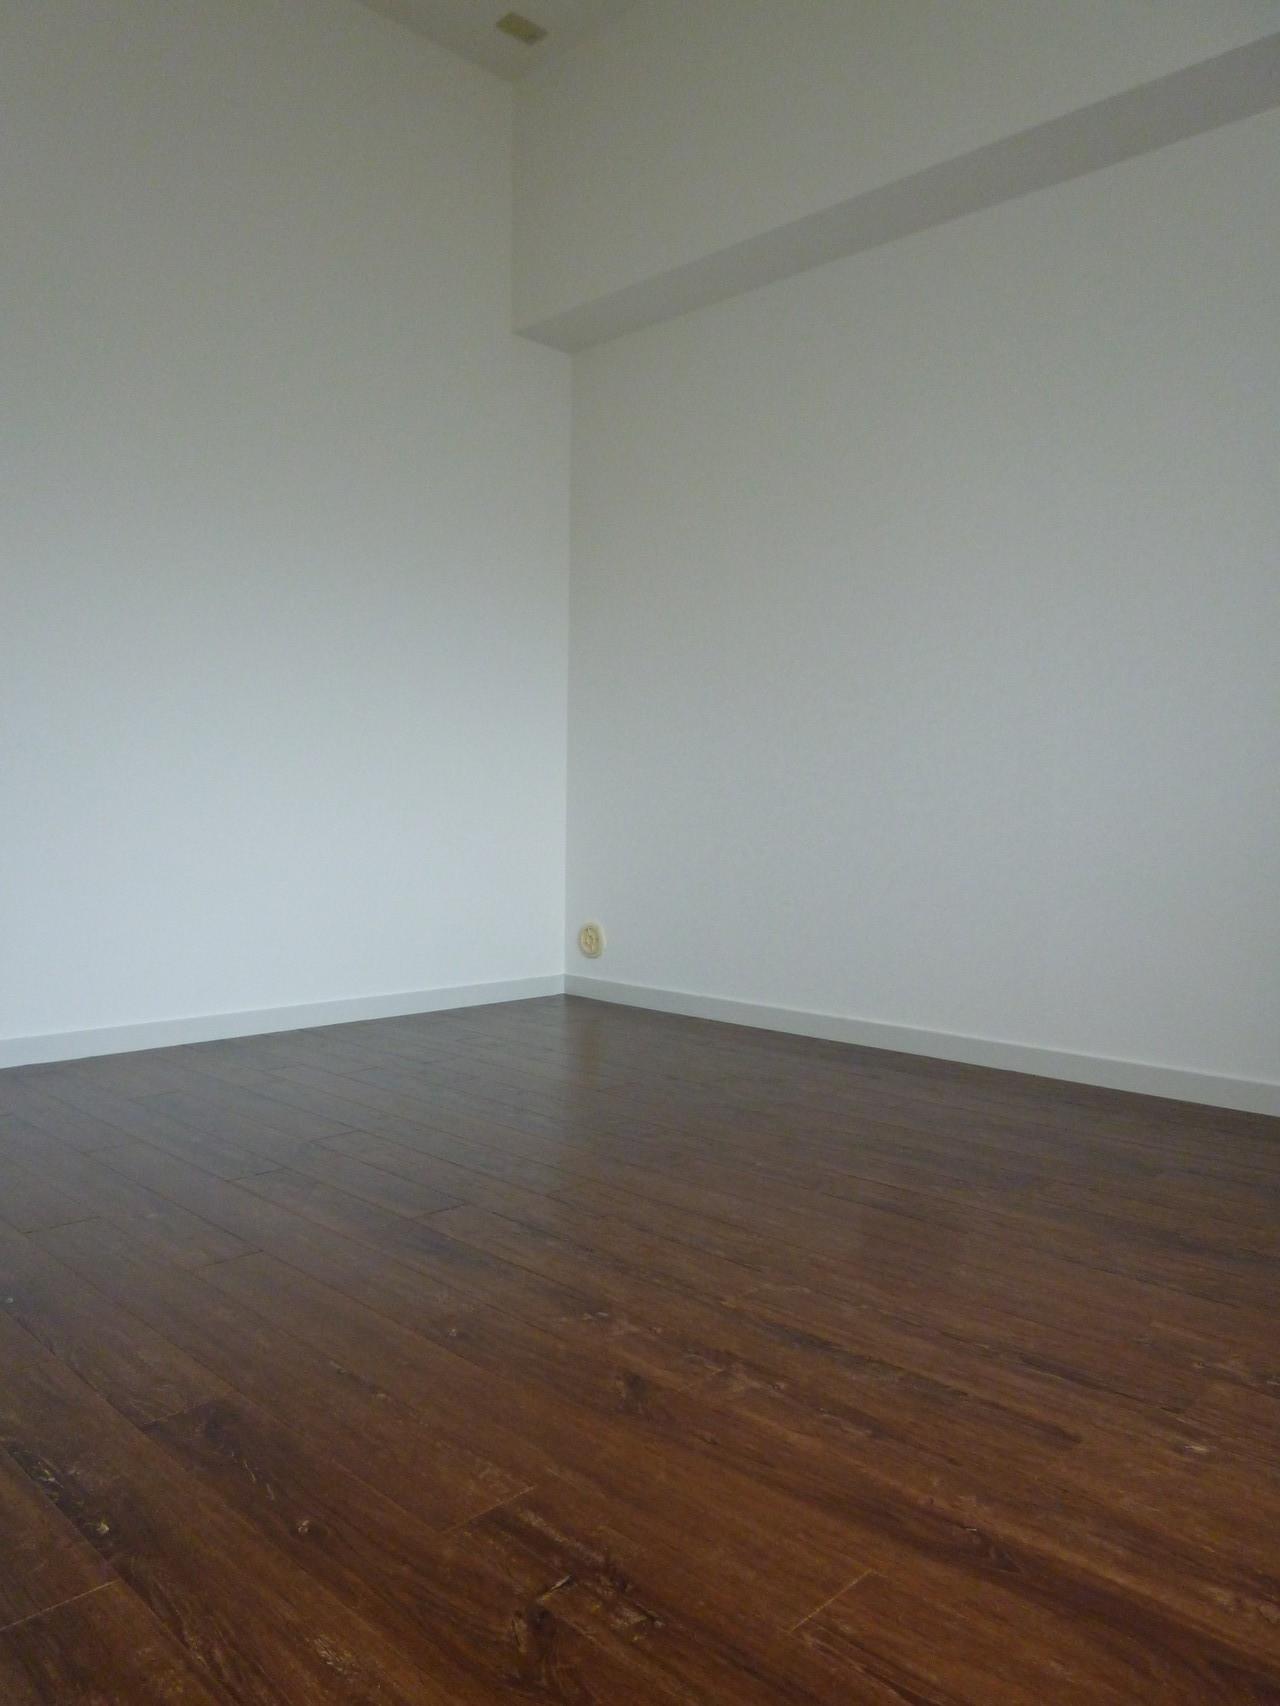 ウッド調のフロアタイルの洋室